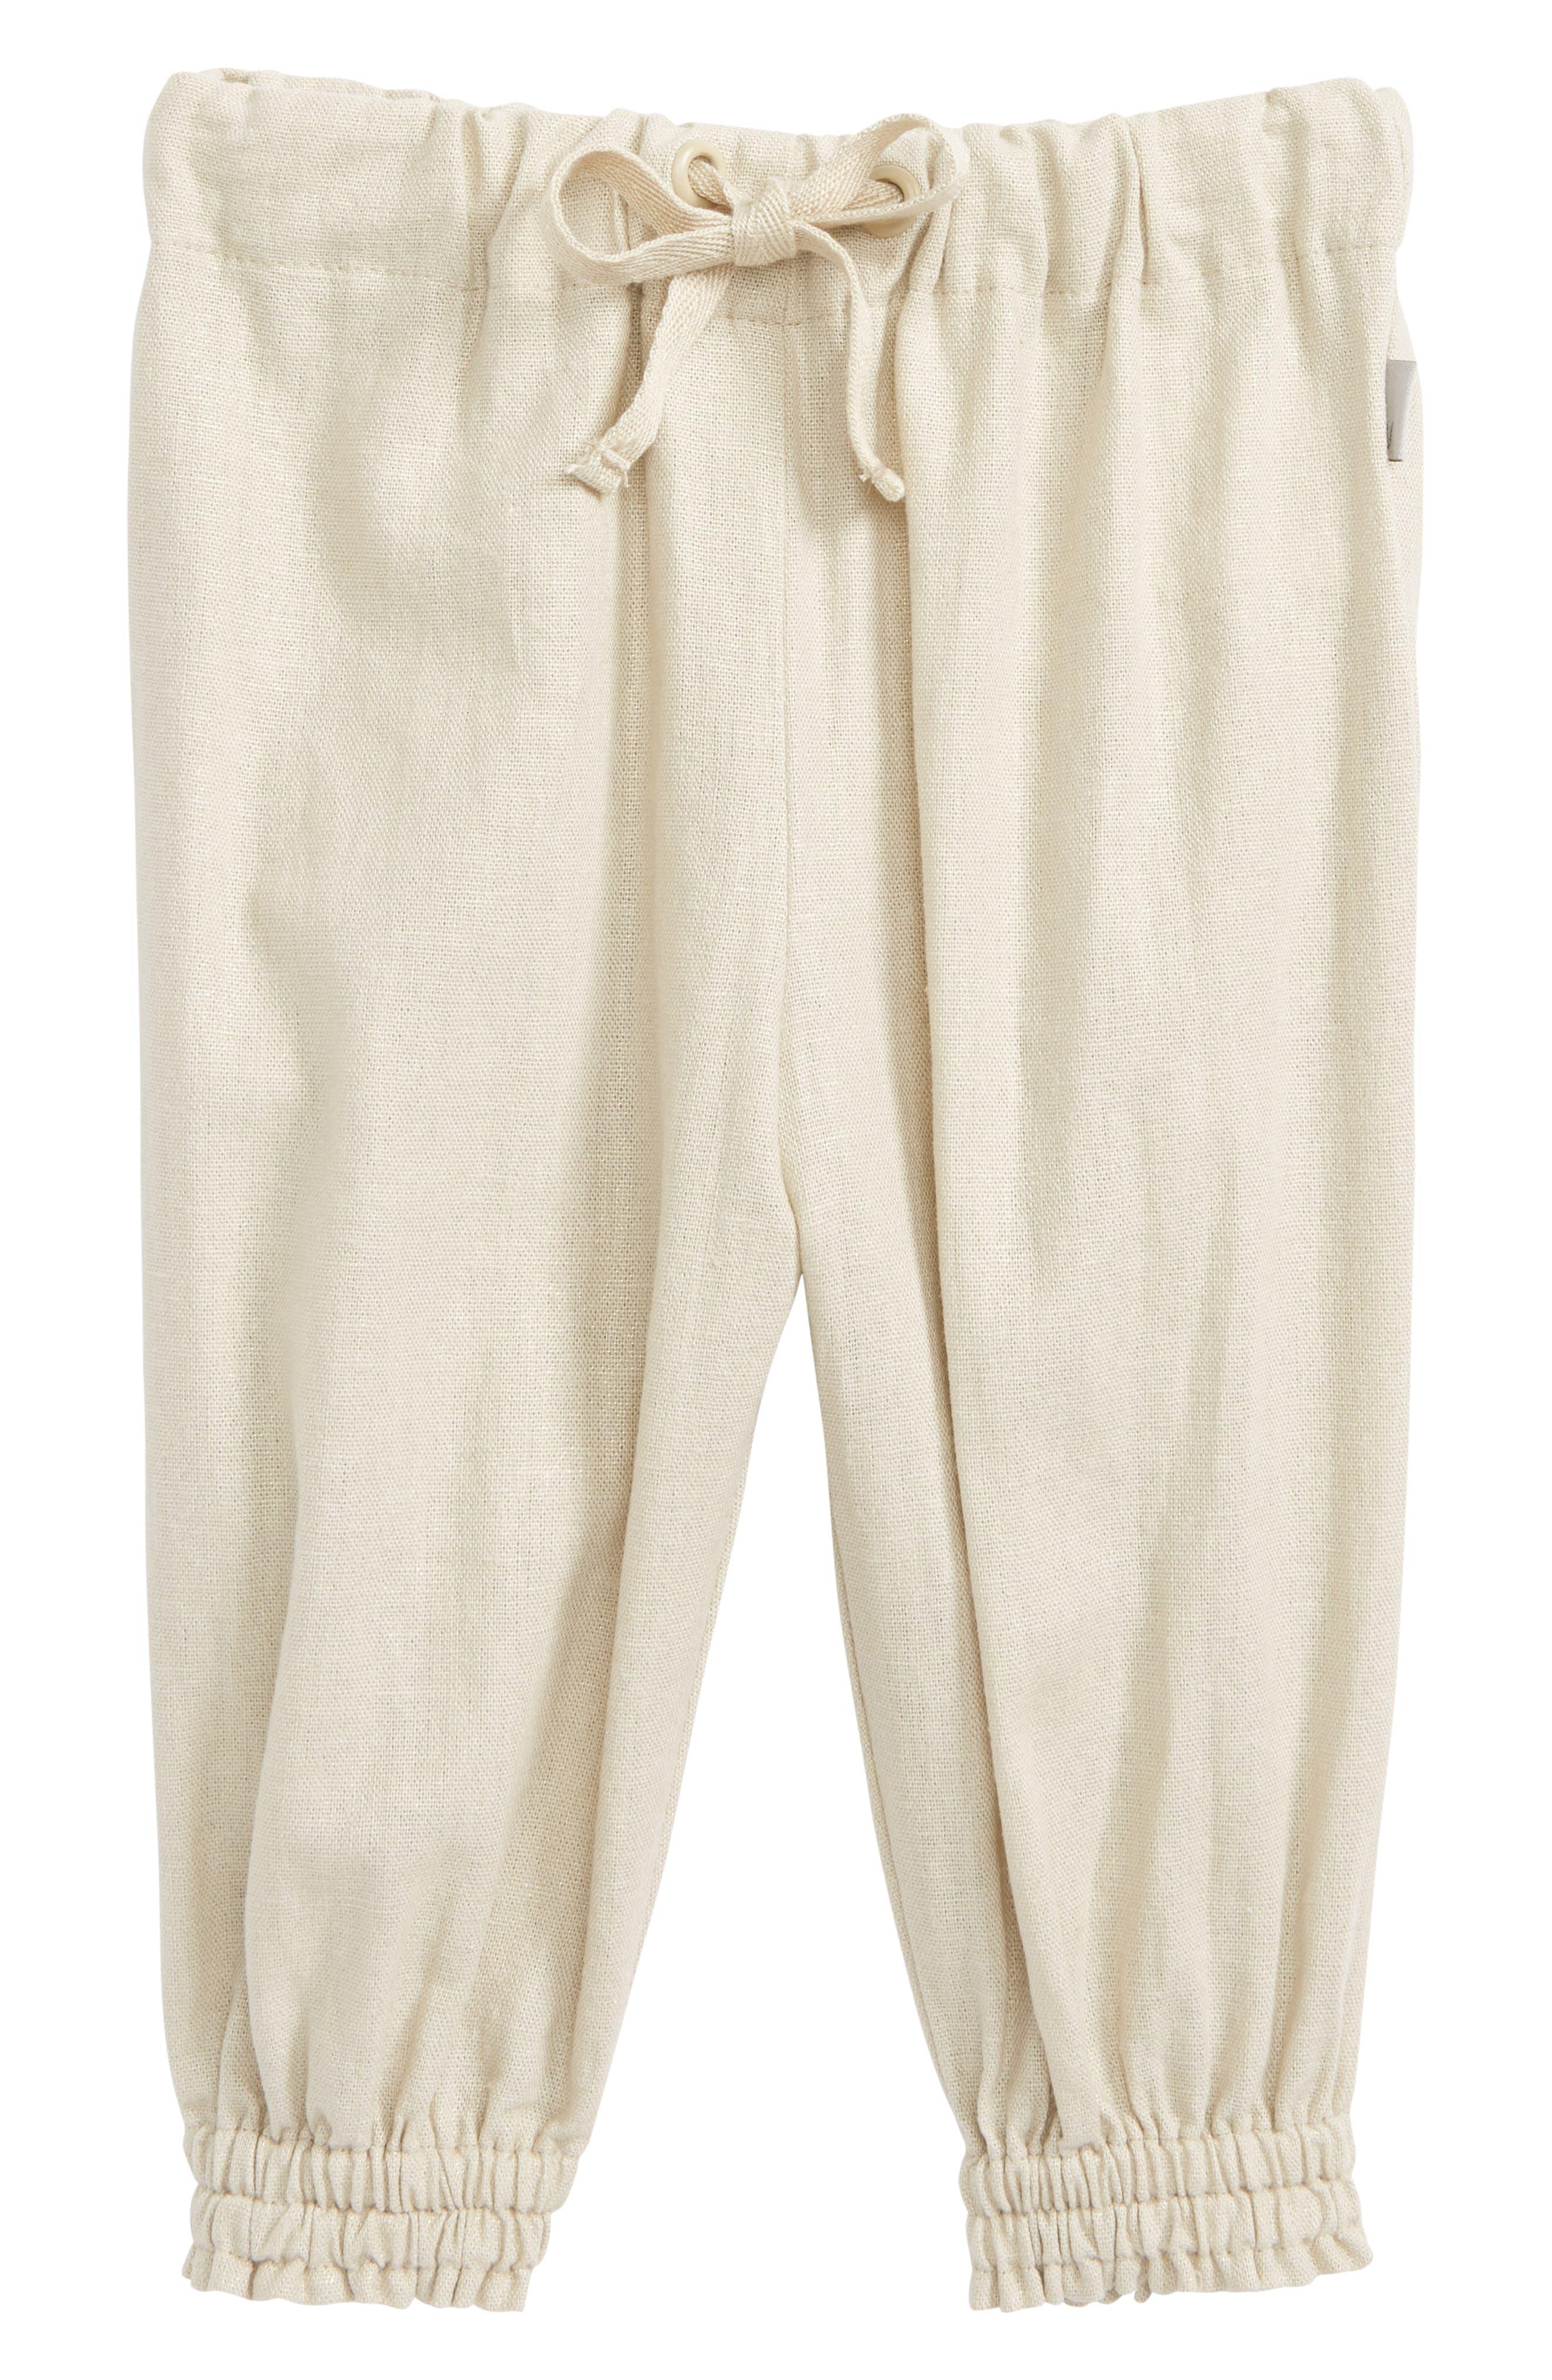 Lina Linen Blend Pants,                             Main thumbnail 1, color,